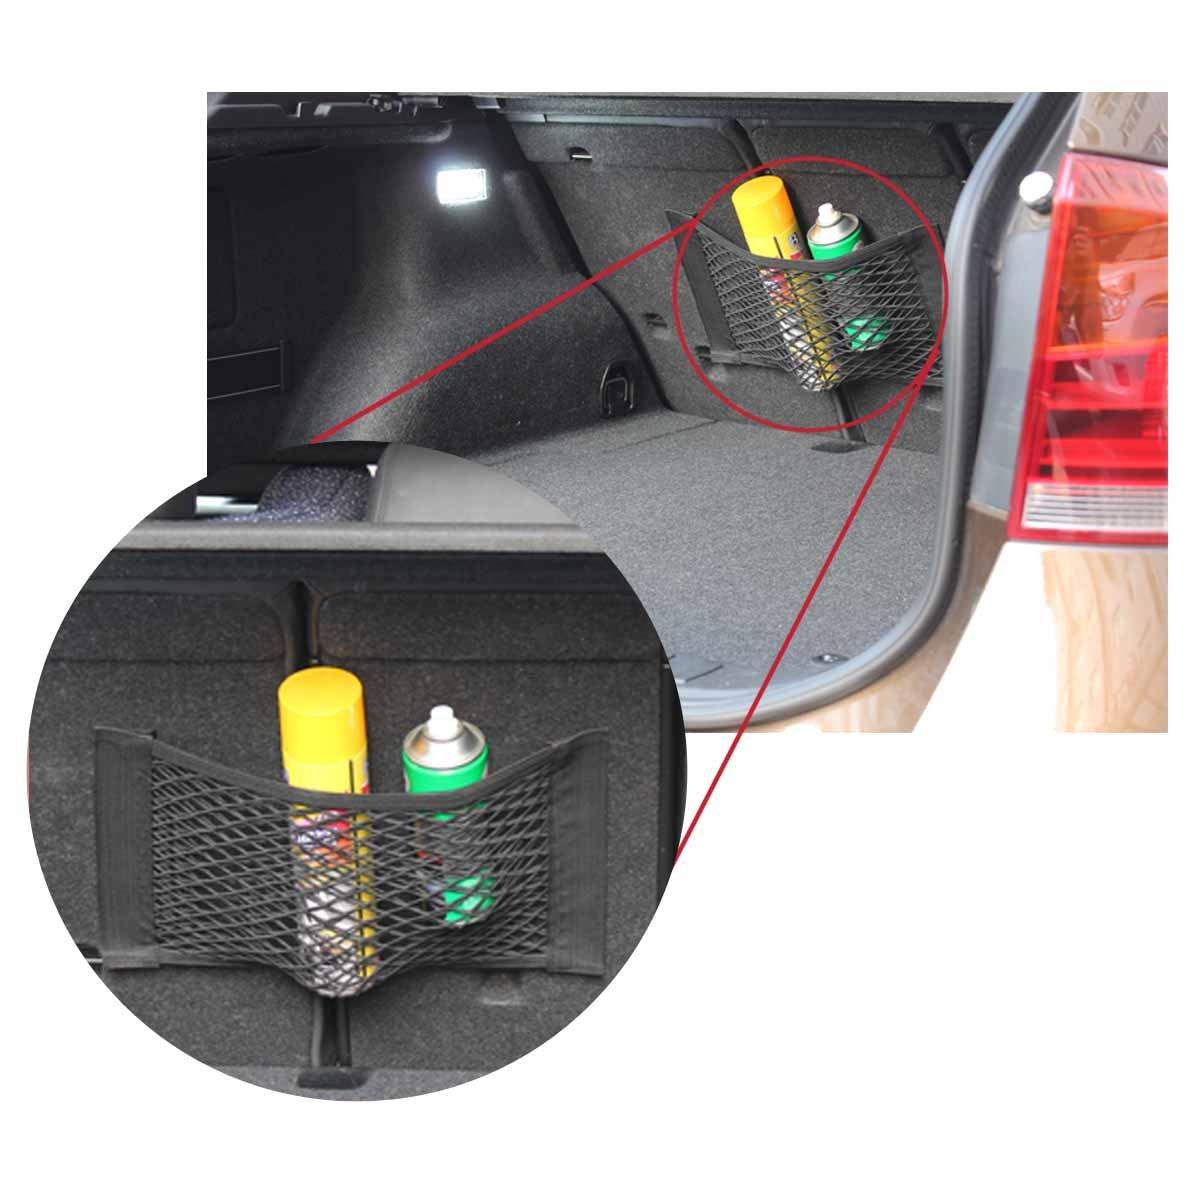 paquet de 2 TOMALL Coffre de voiture Filet de rangement en filet Autocollant mural Organisateur Pouch Bag pour loutil de r/éparation dextincteur dincendie